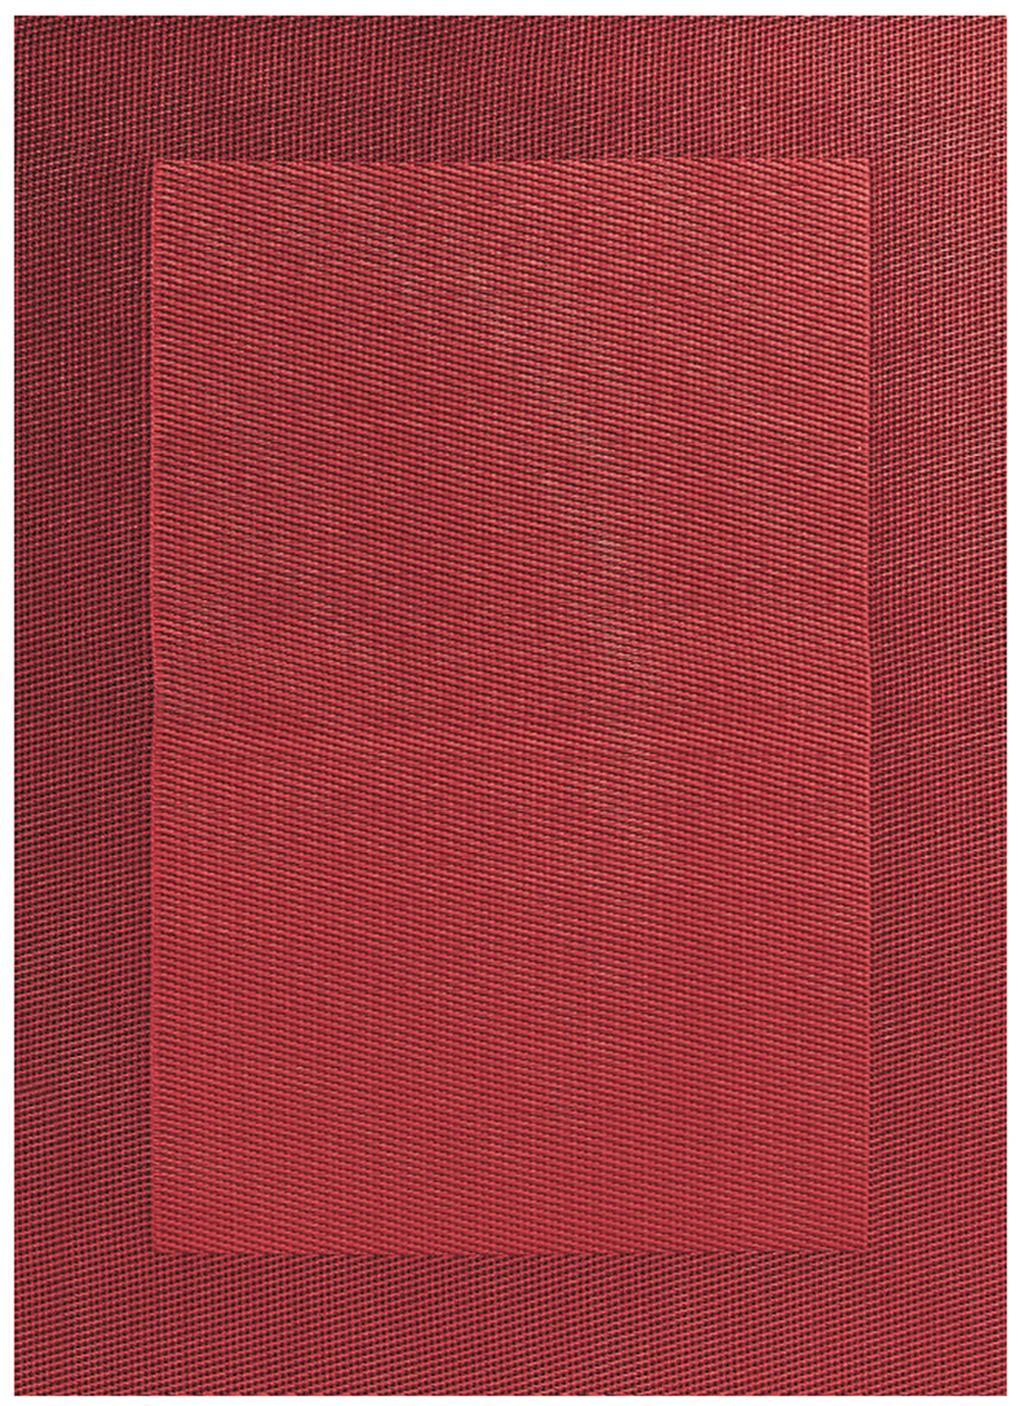 Tovaglietta americana in materiale sintetico Trefl 2 pz, Materiale sintetico (PVC), Rosso, Larg. 33 x Lung. 46 cm